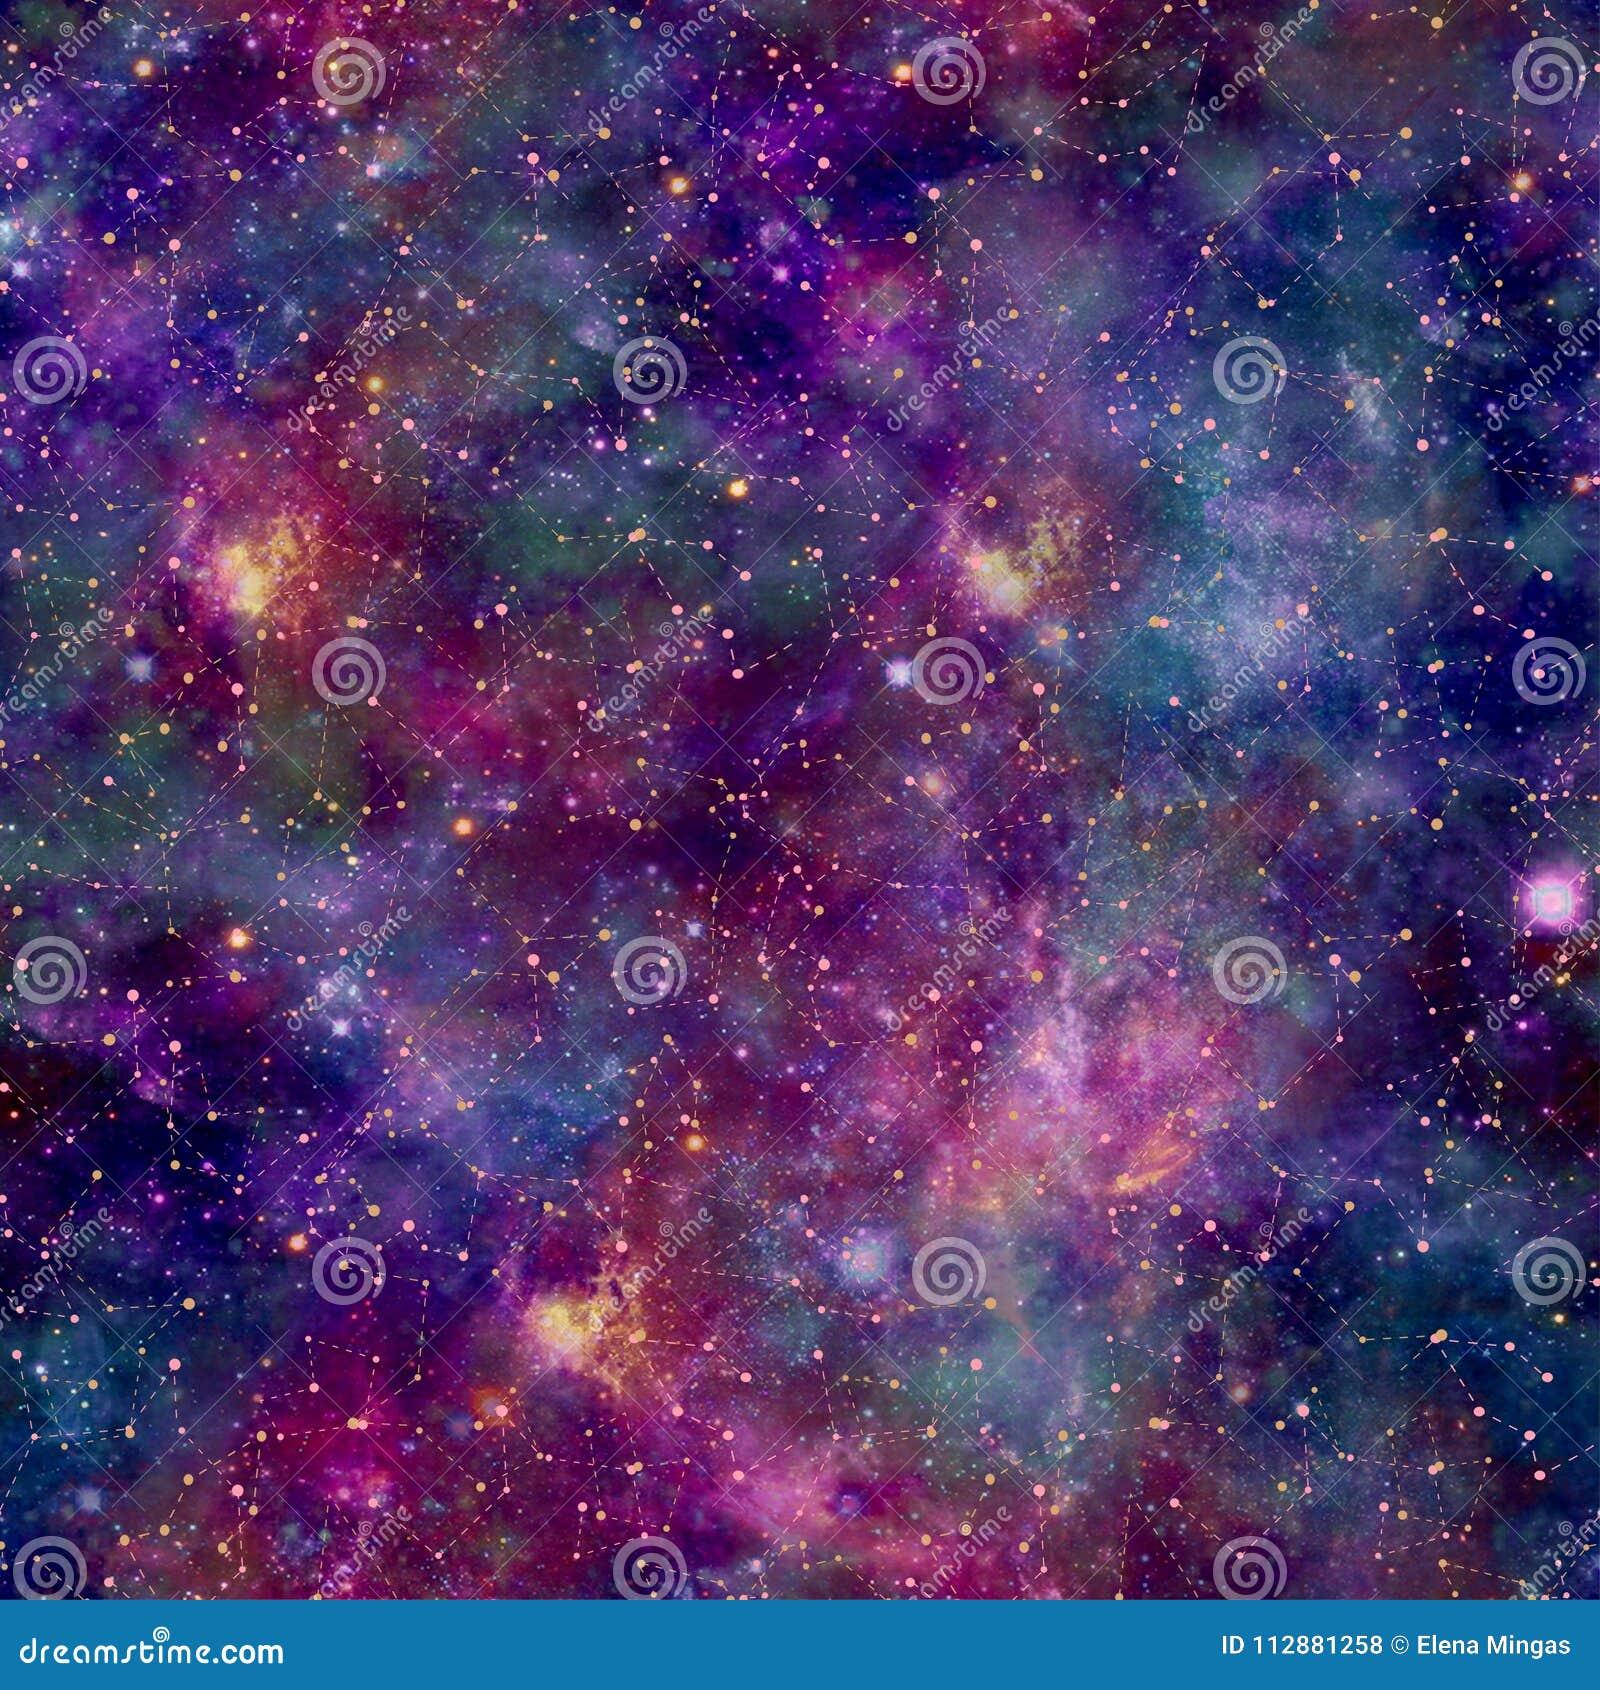 Cópia colorida do cosmos da galáxia com folha de prova da constelação